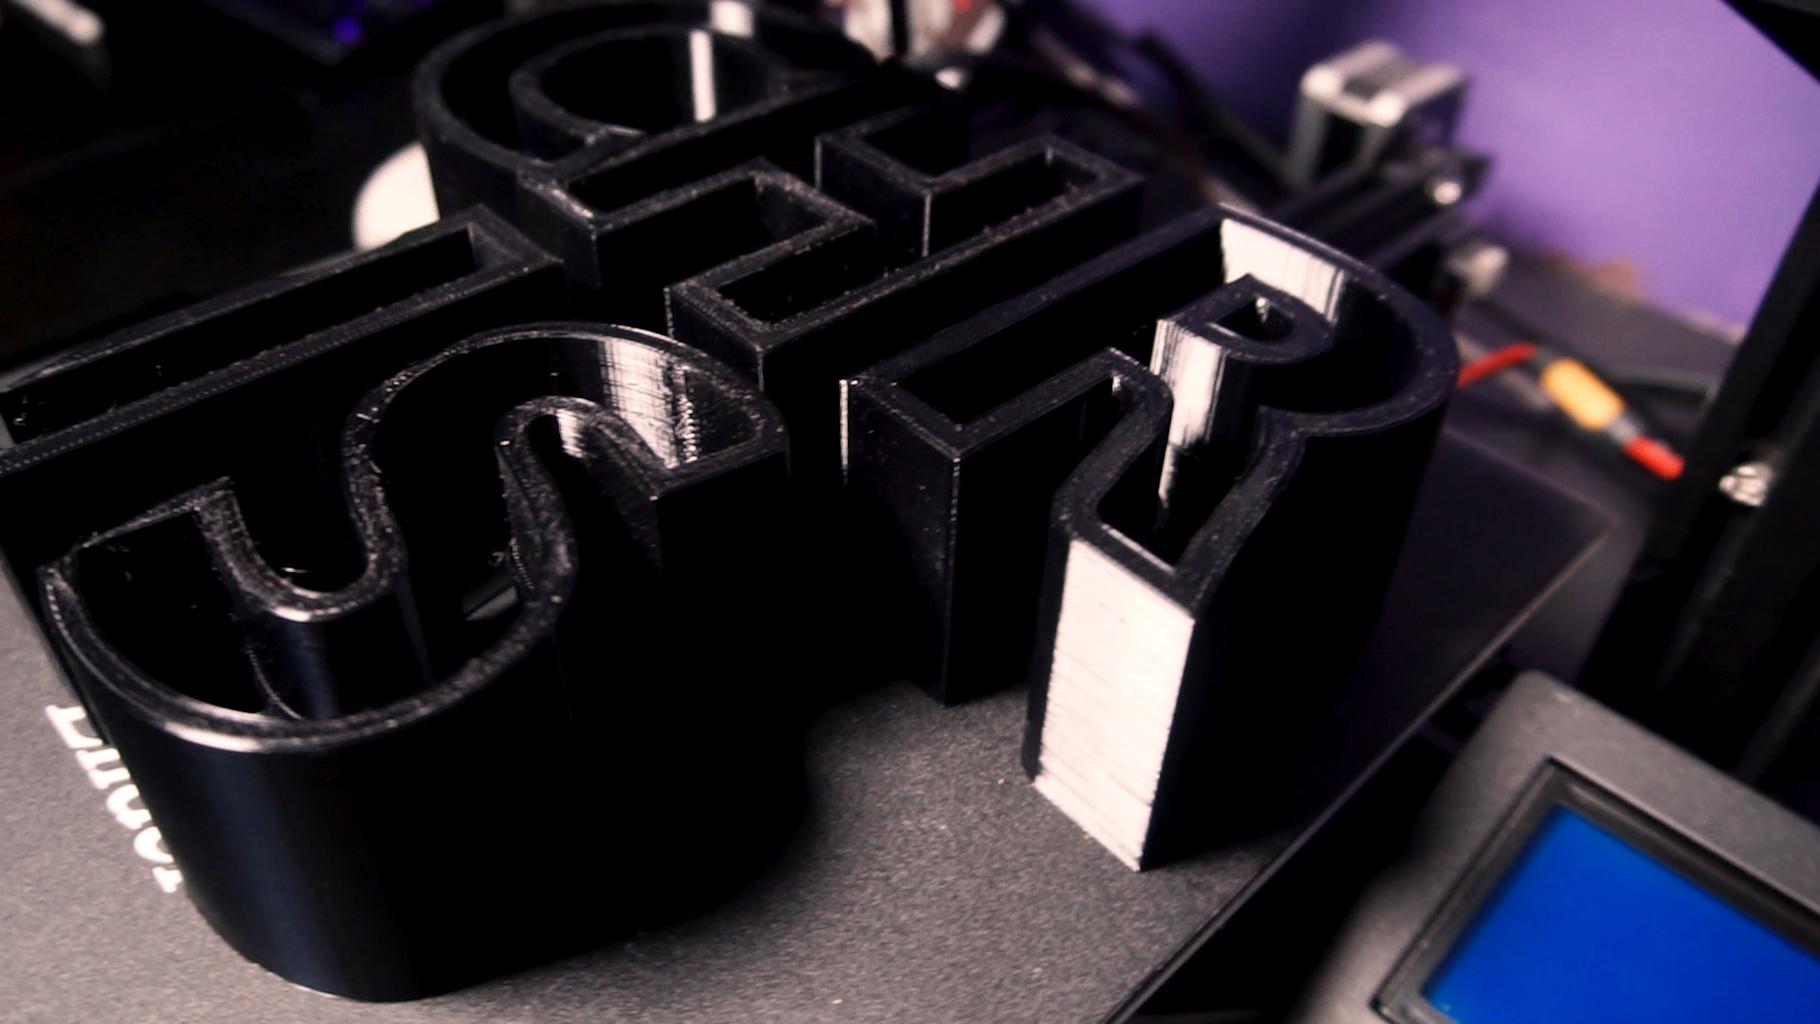 3D Print the Pieces